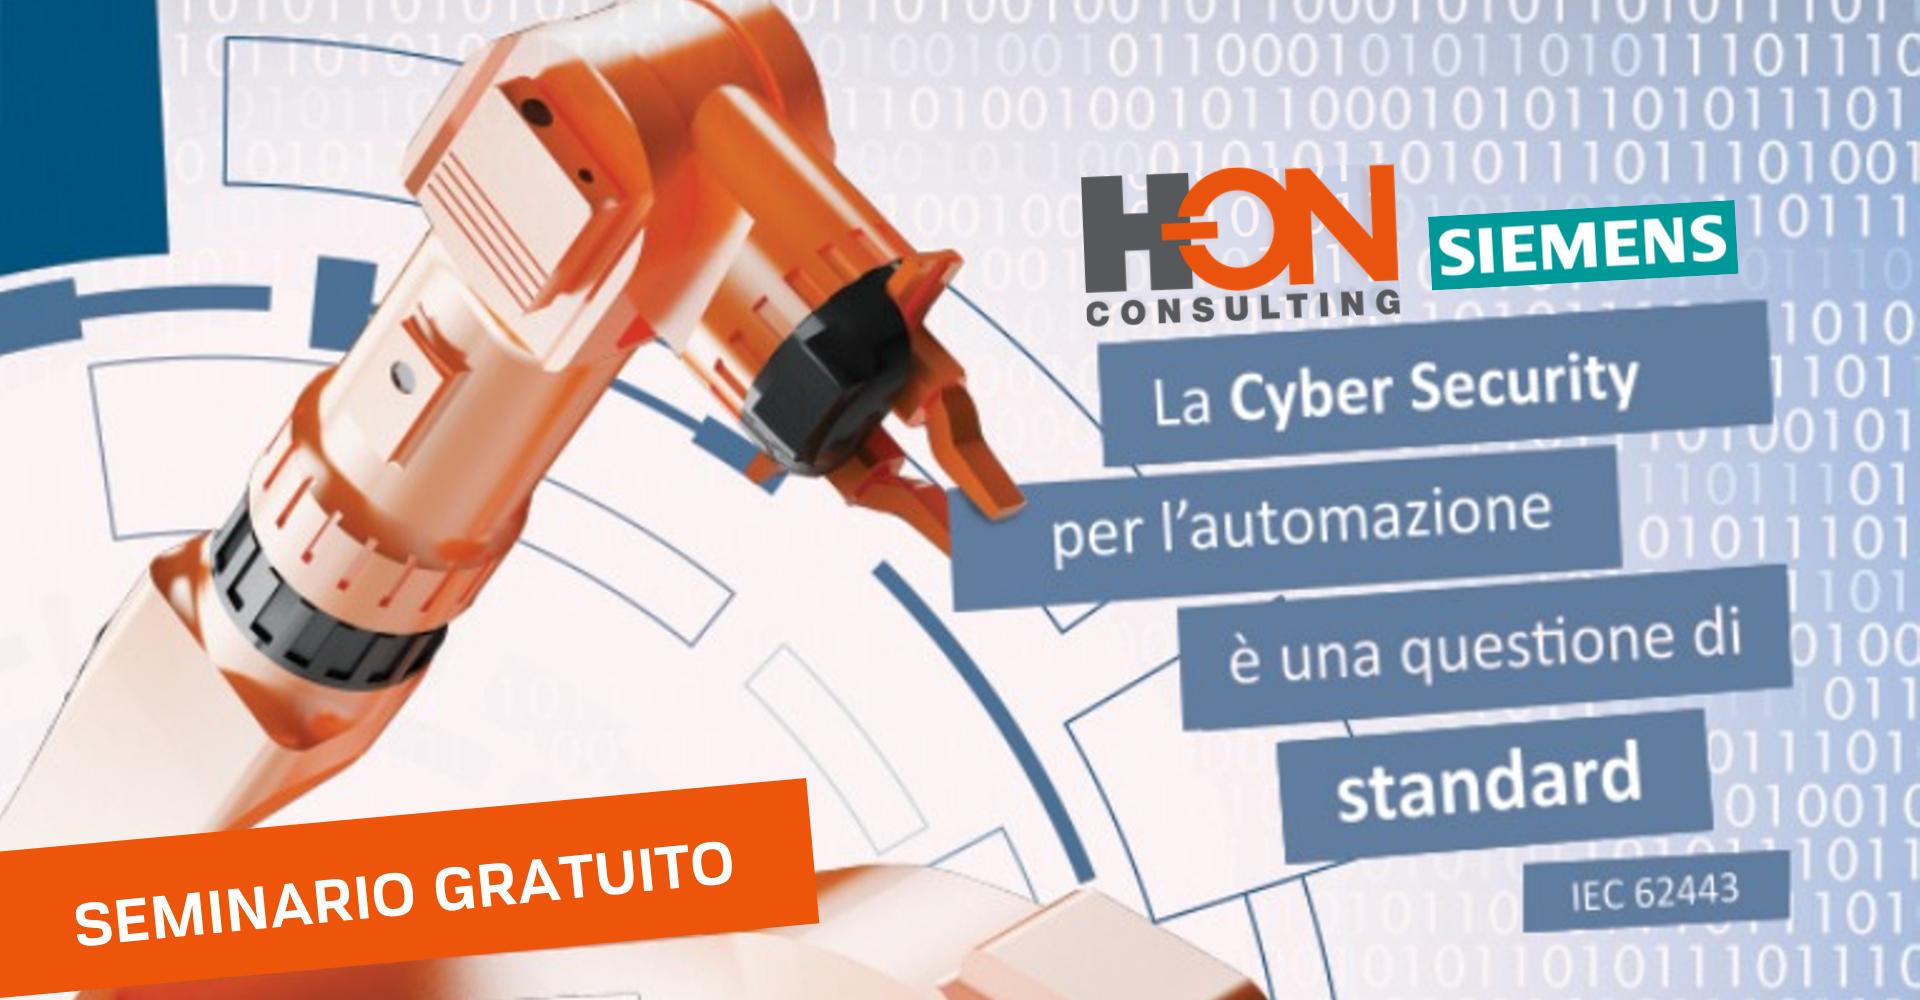 Invito seminario hon e Siemens su cyber security